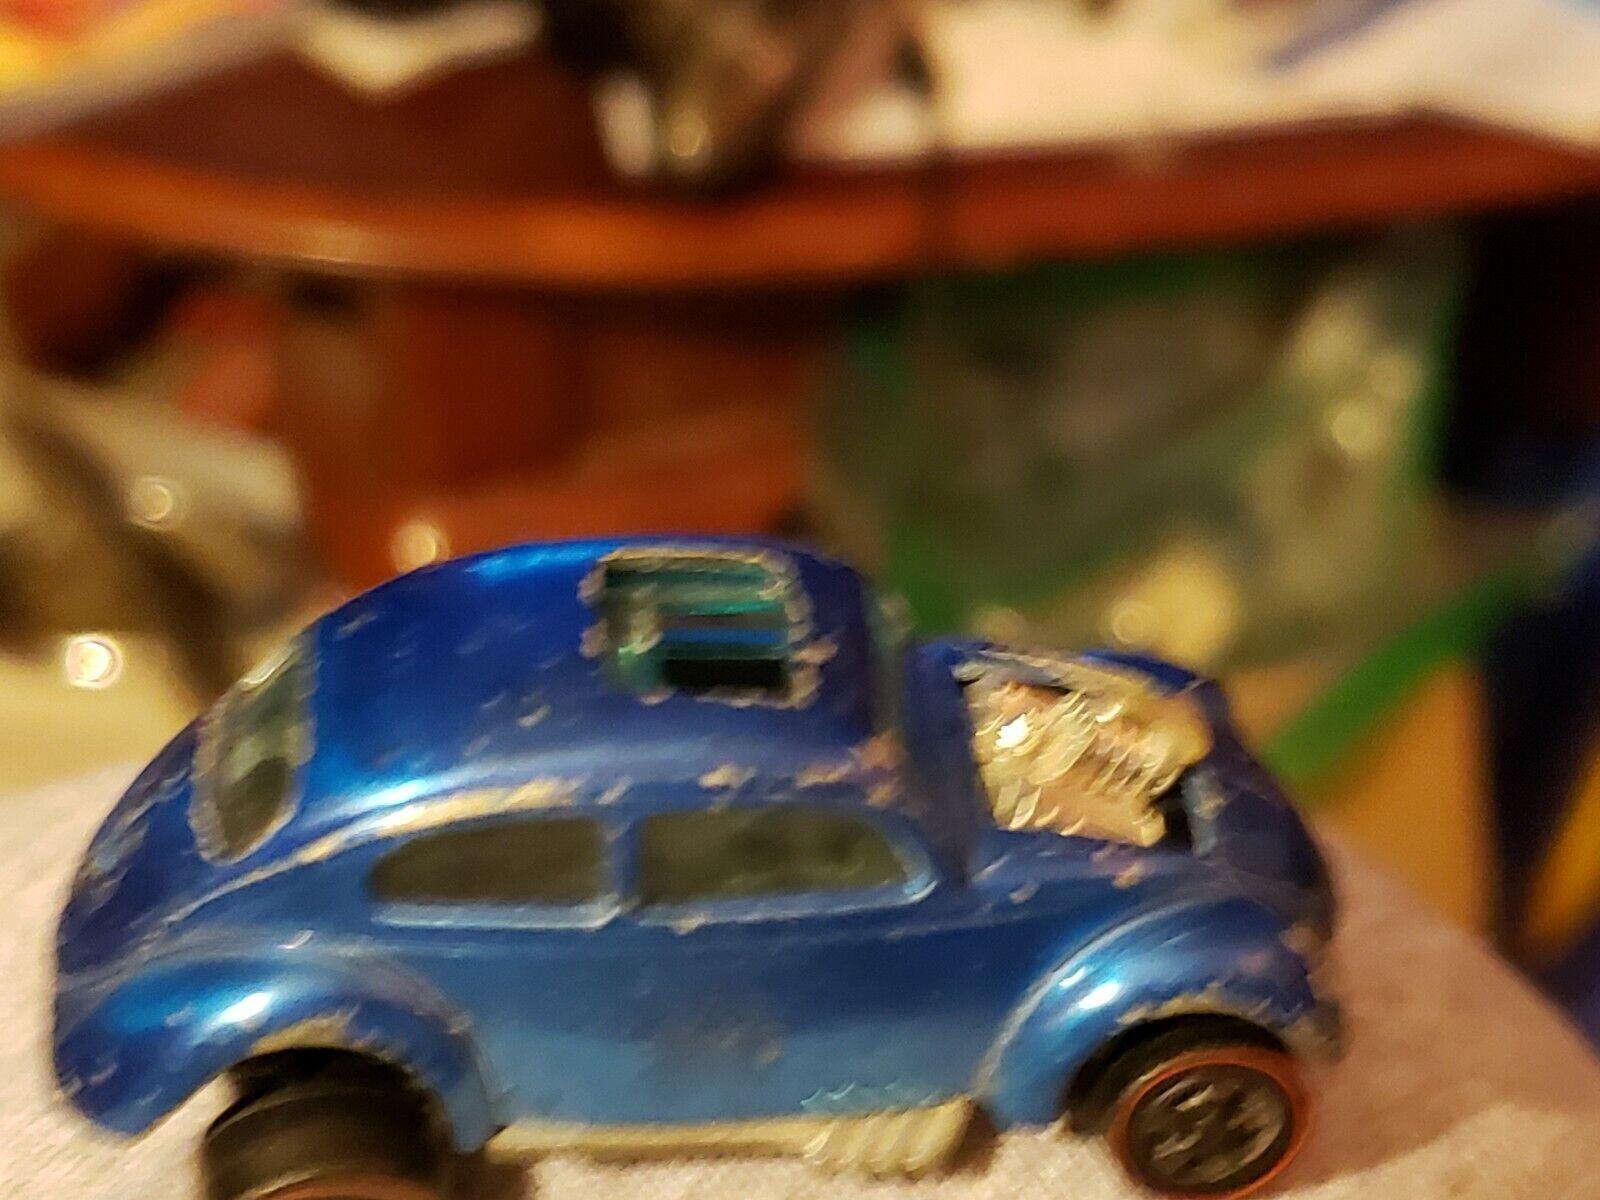 Para tu estilo de juego a los precios más baratos. 1968 Hot Hot Hot Wheels rojoline Personalizado Volkswagen Azul  ofreciendo 100%